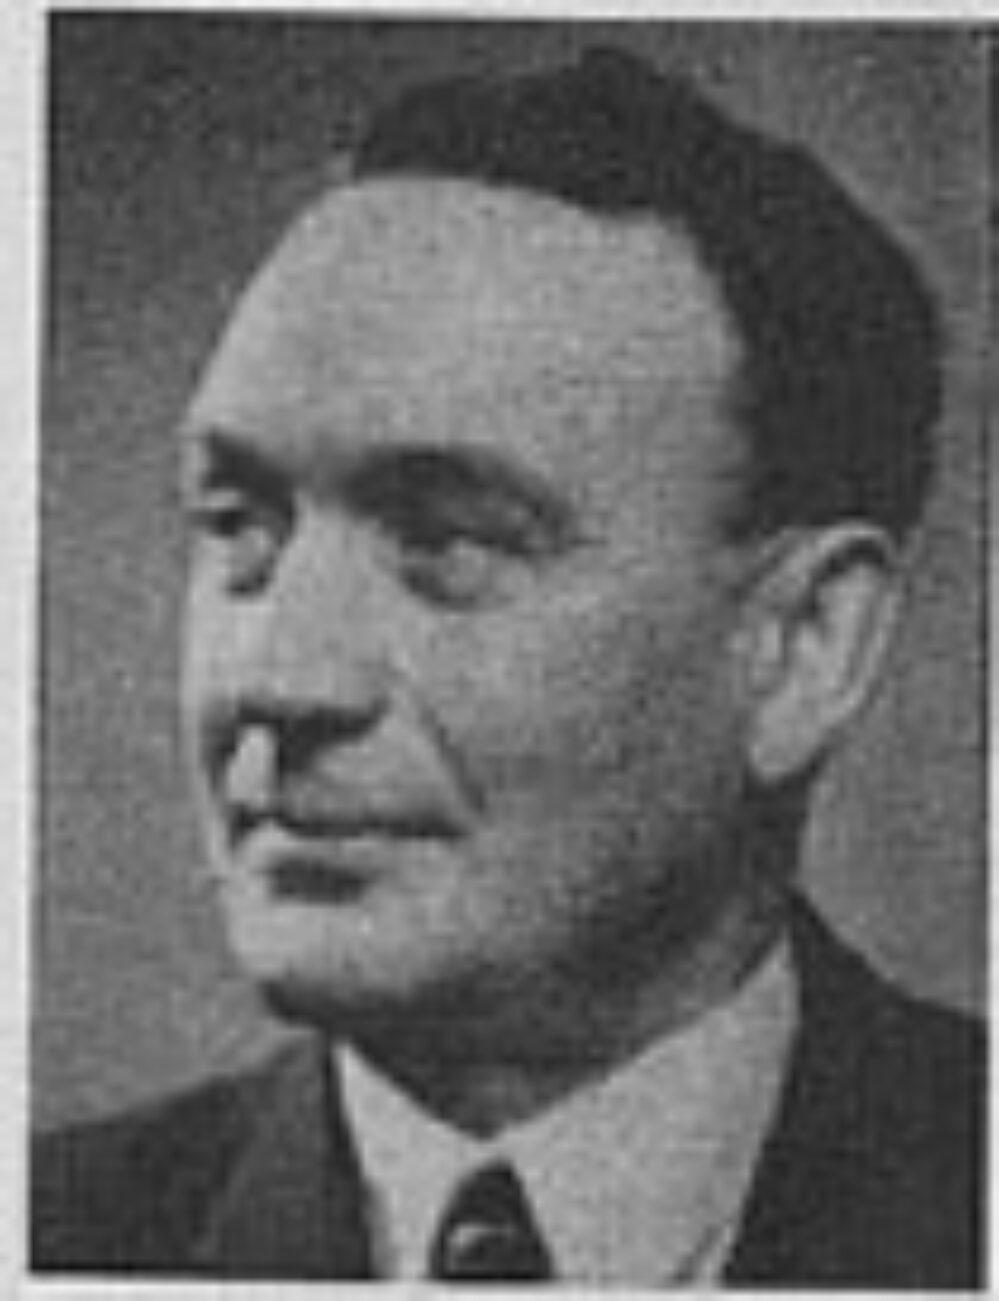 Johan Albert Falstrøm